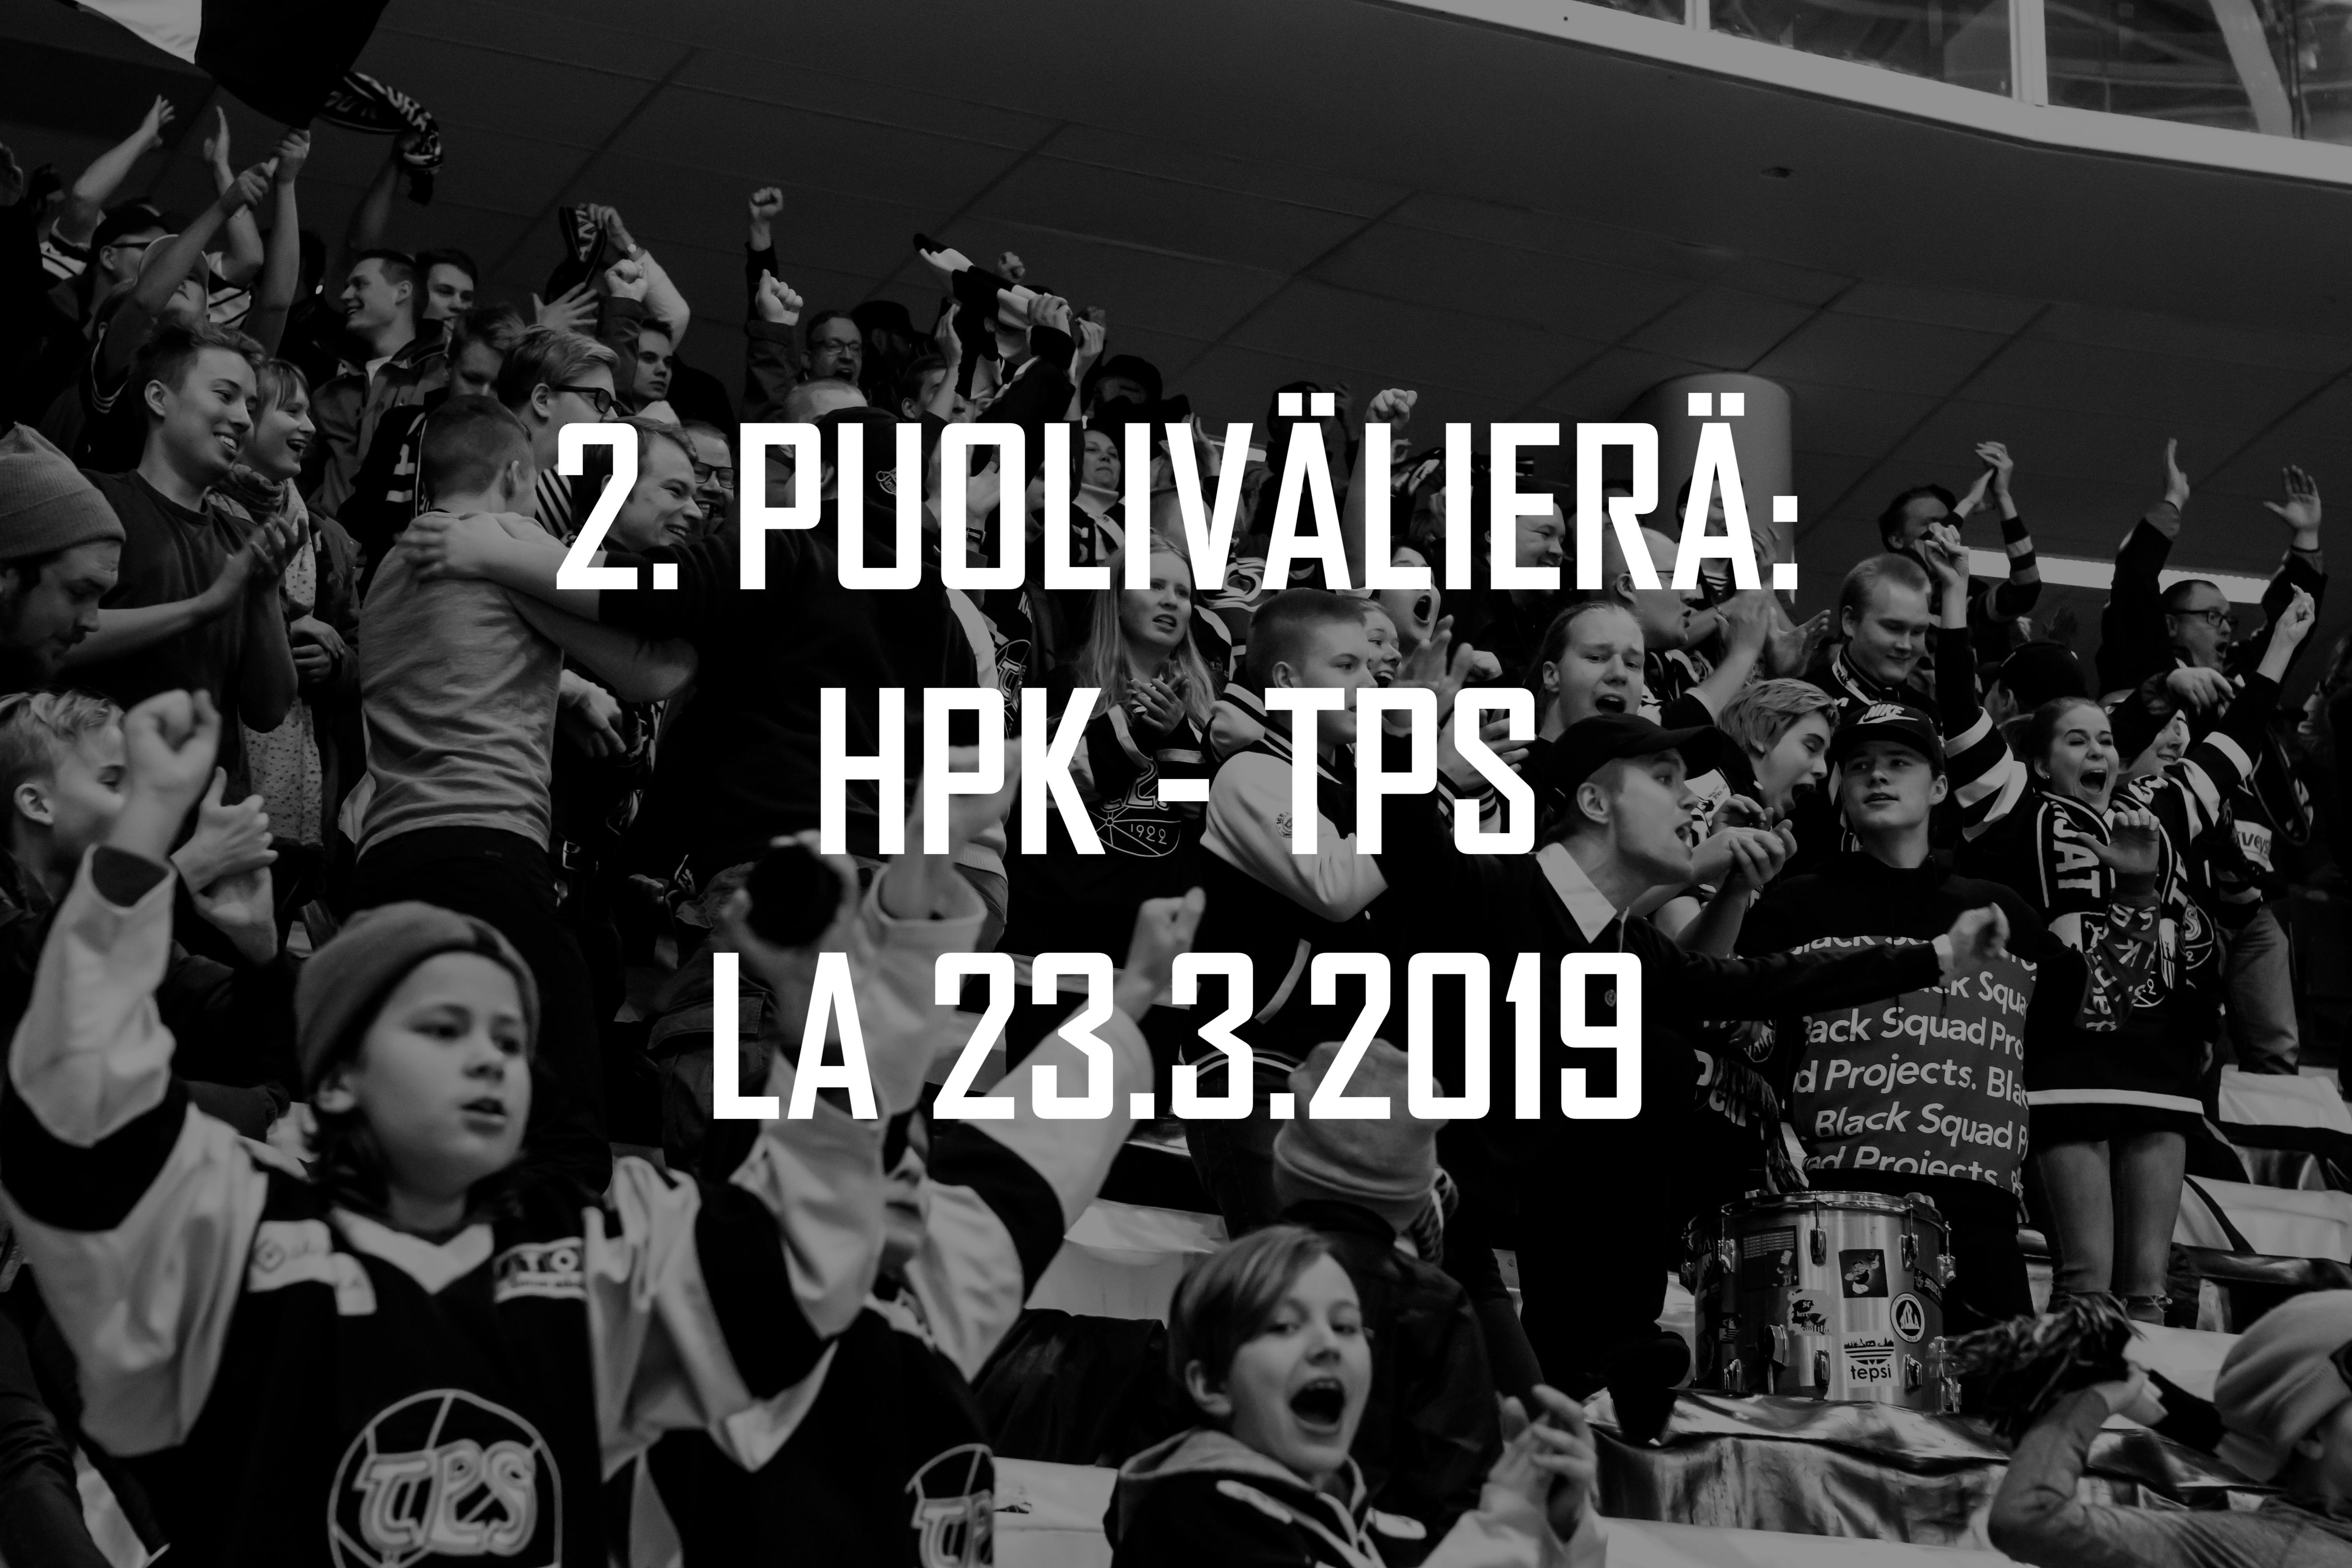 Kannattajamatka: HPK – TPS 23.3.2019 (2. puolivälierä)